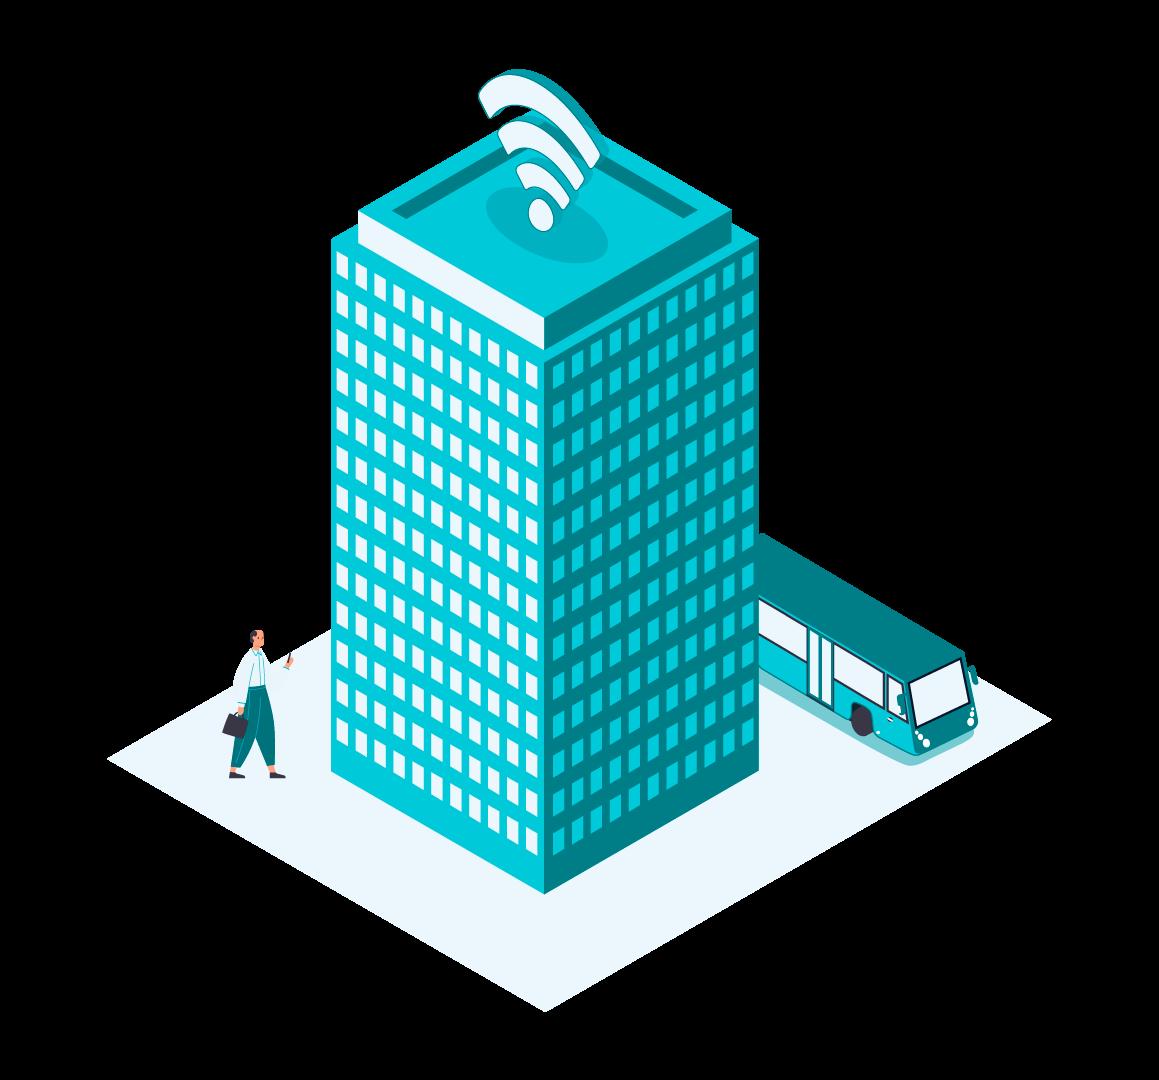 Tech-driven smart cities